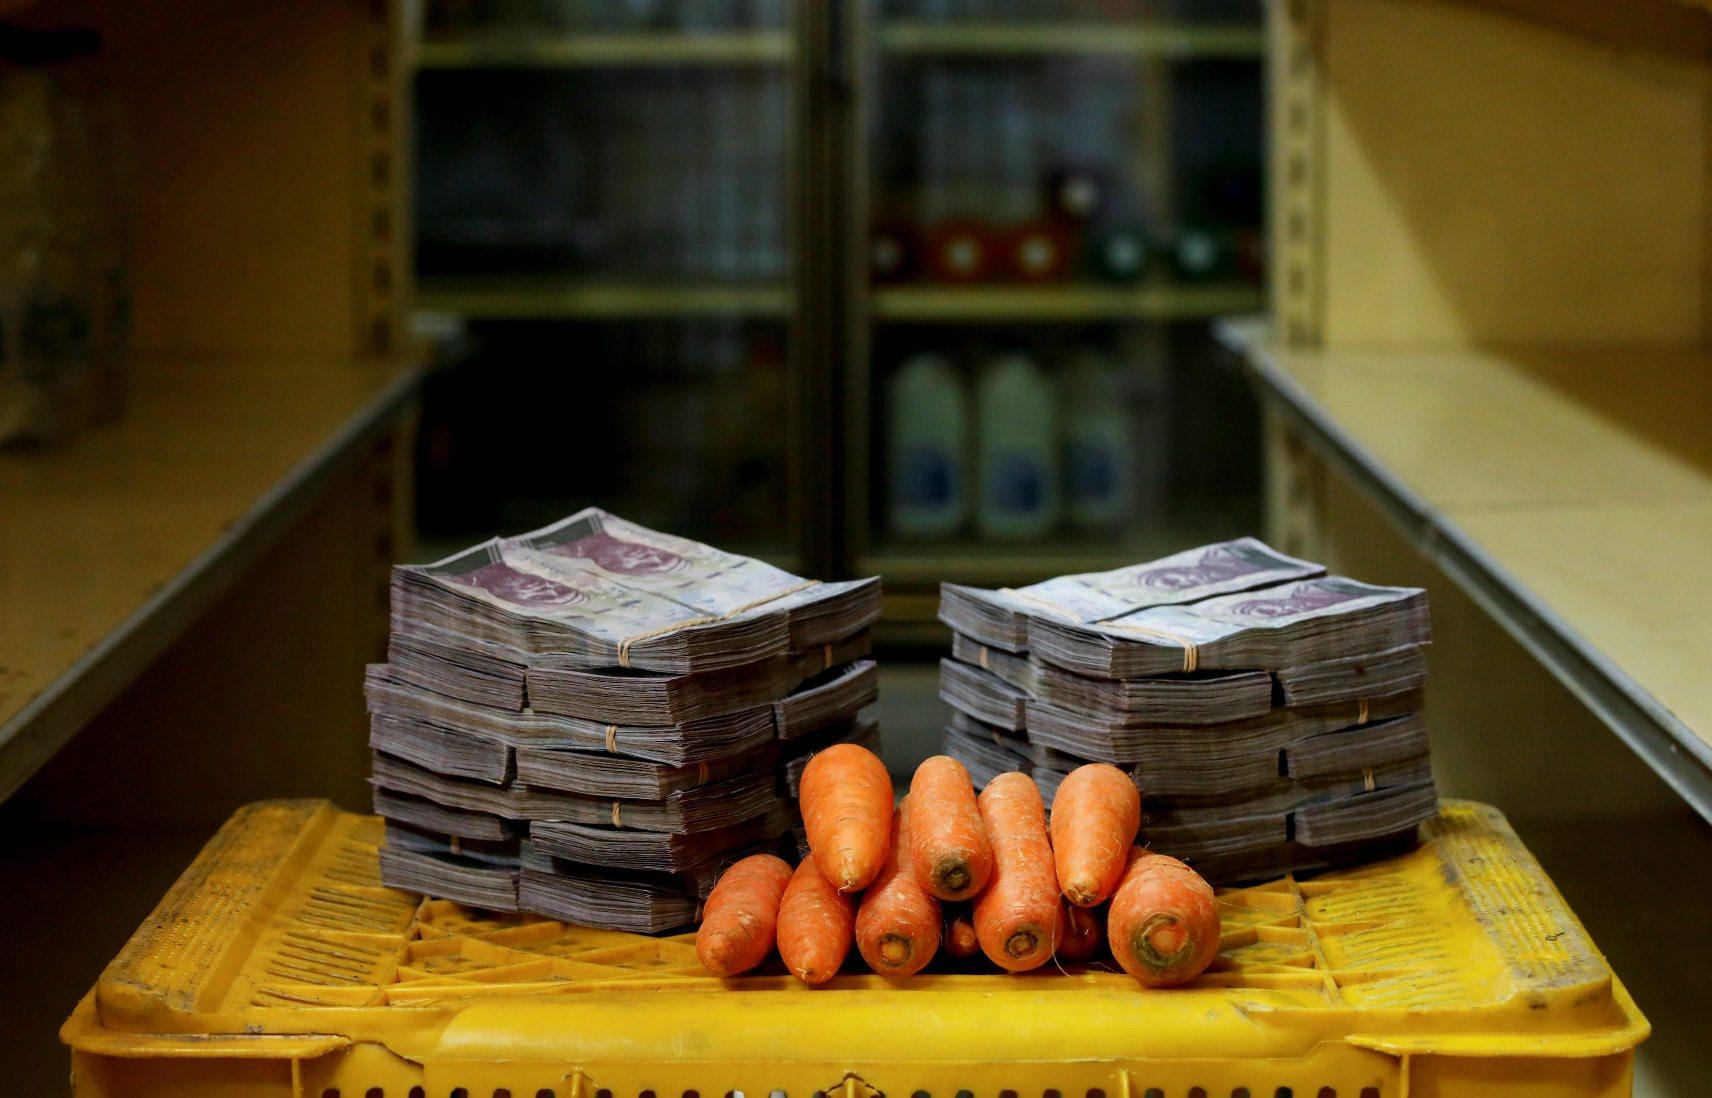 Za kilogram mrkve u Venezueli prošli je tjedan trebalo izdvojiti tri milijuna bolivara, što je značilo da je na tržnicu valjalo ponijeti ovu pozamašnu svotu novčanica